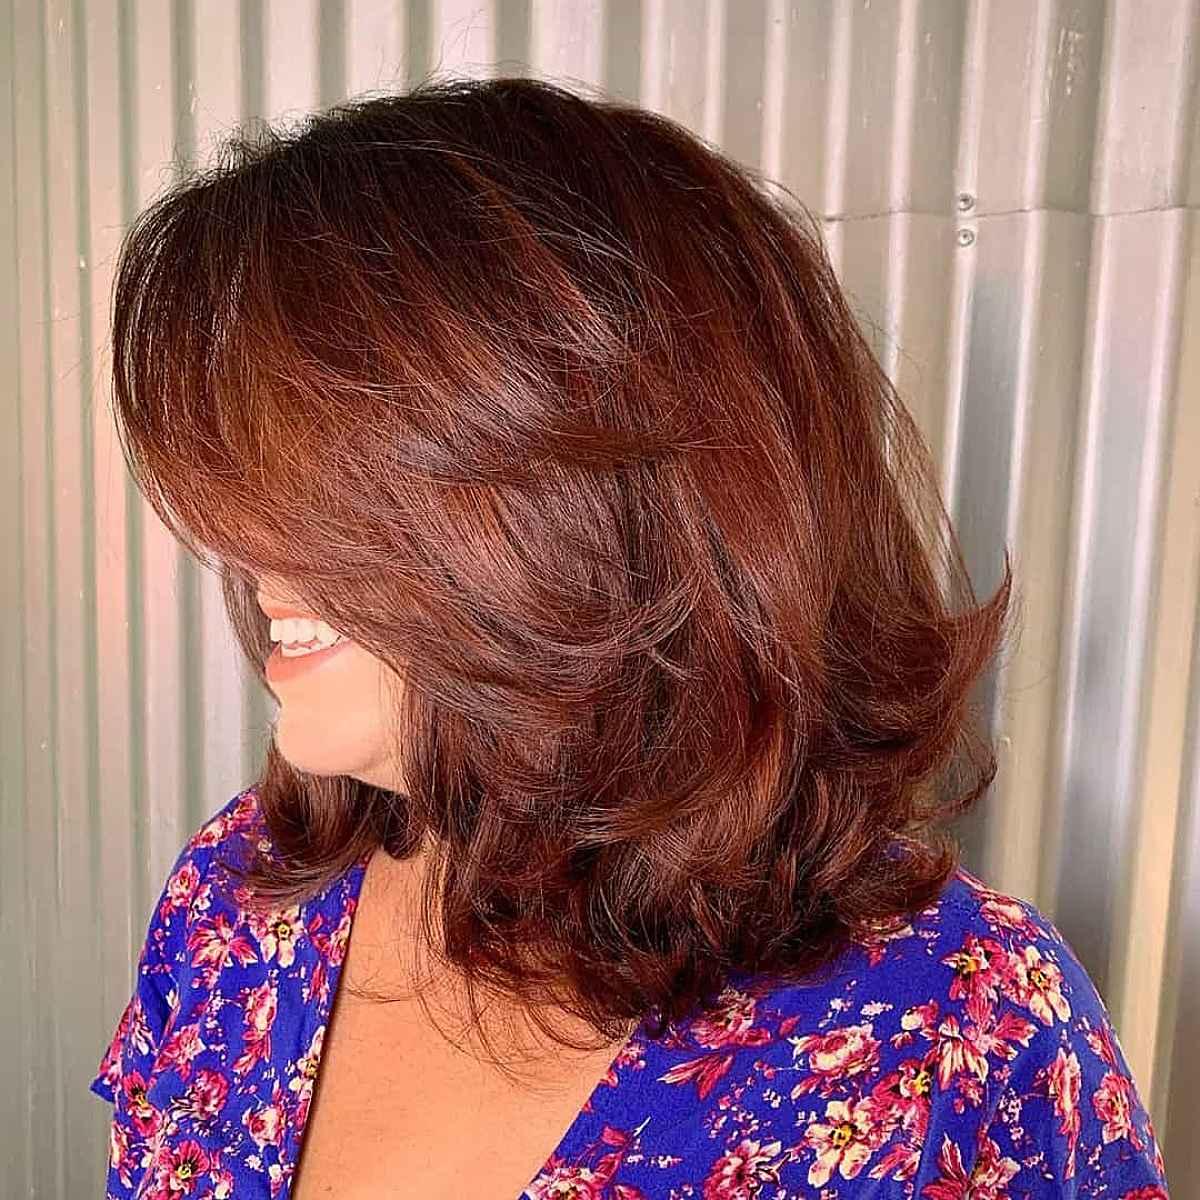 Couleur de cheveux inspirée de l'automne, châtain chaud